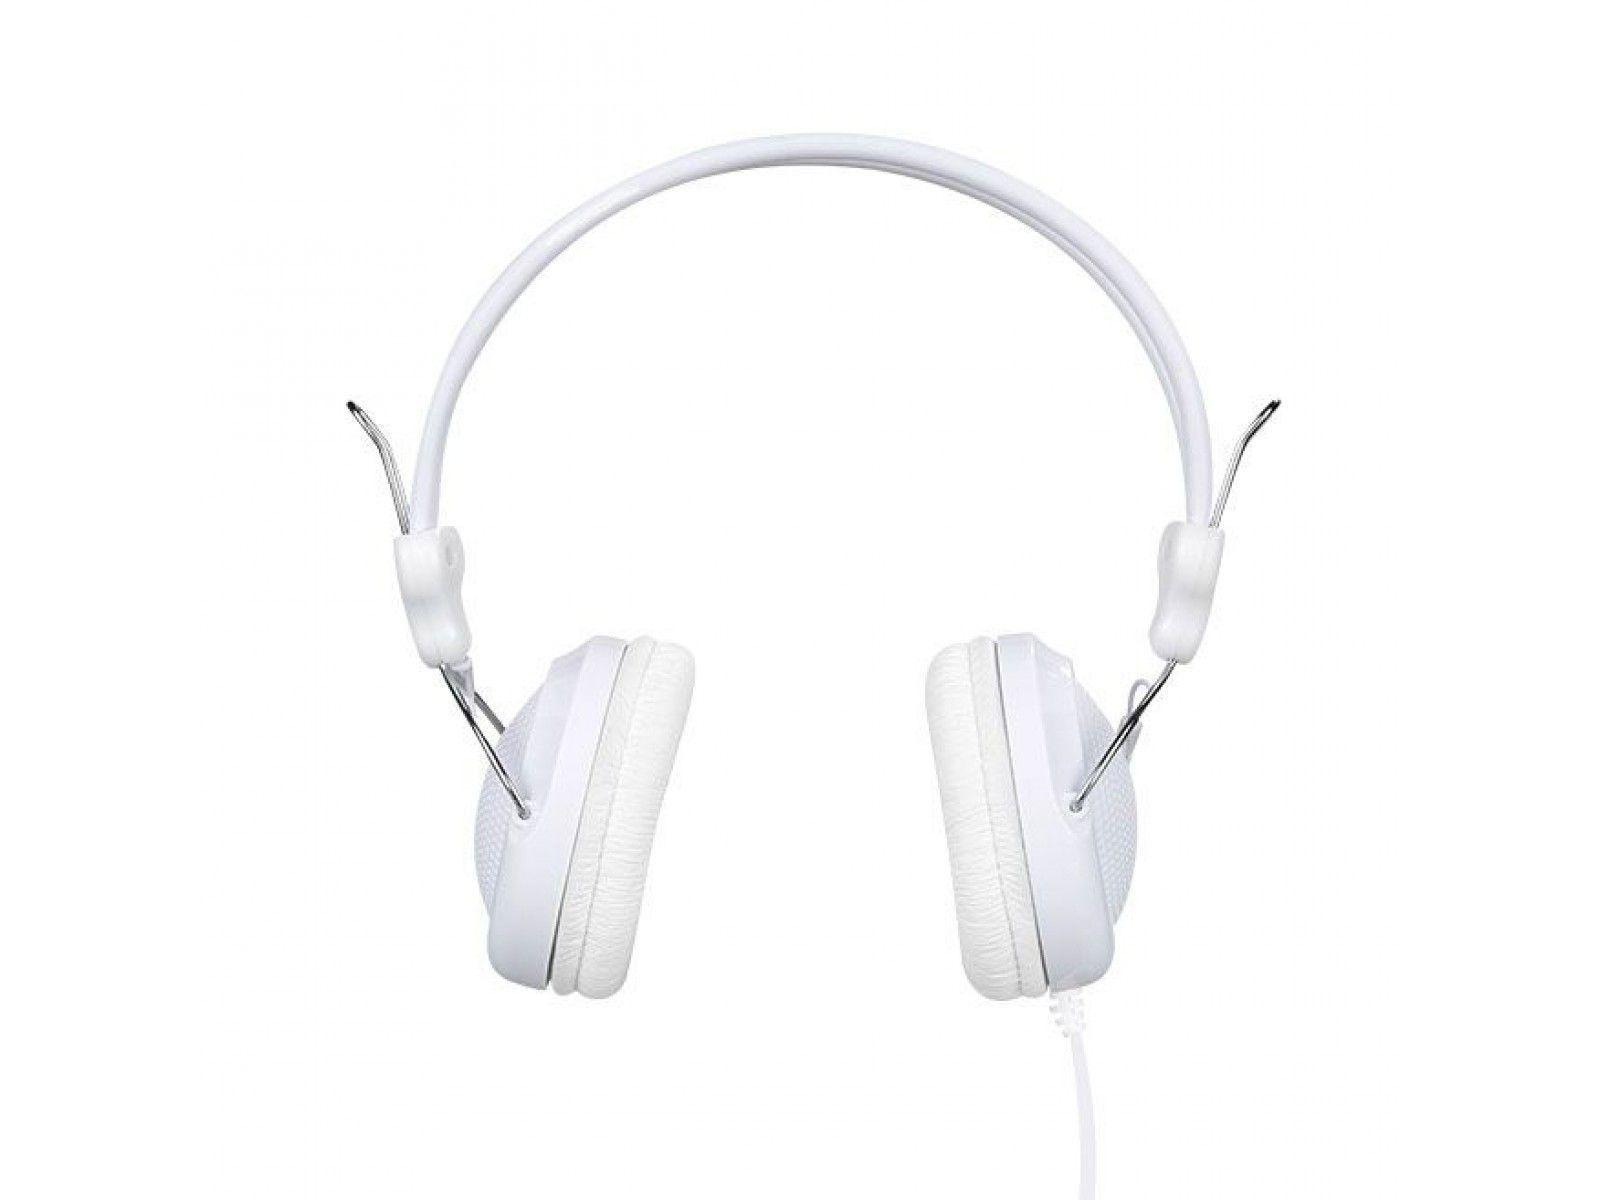 лучшая цена Наушники Hoco W5, 6957531051060, белый